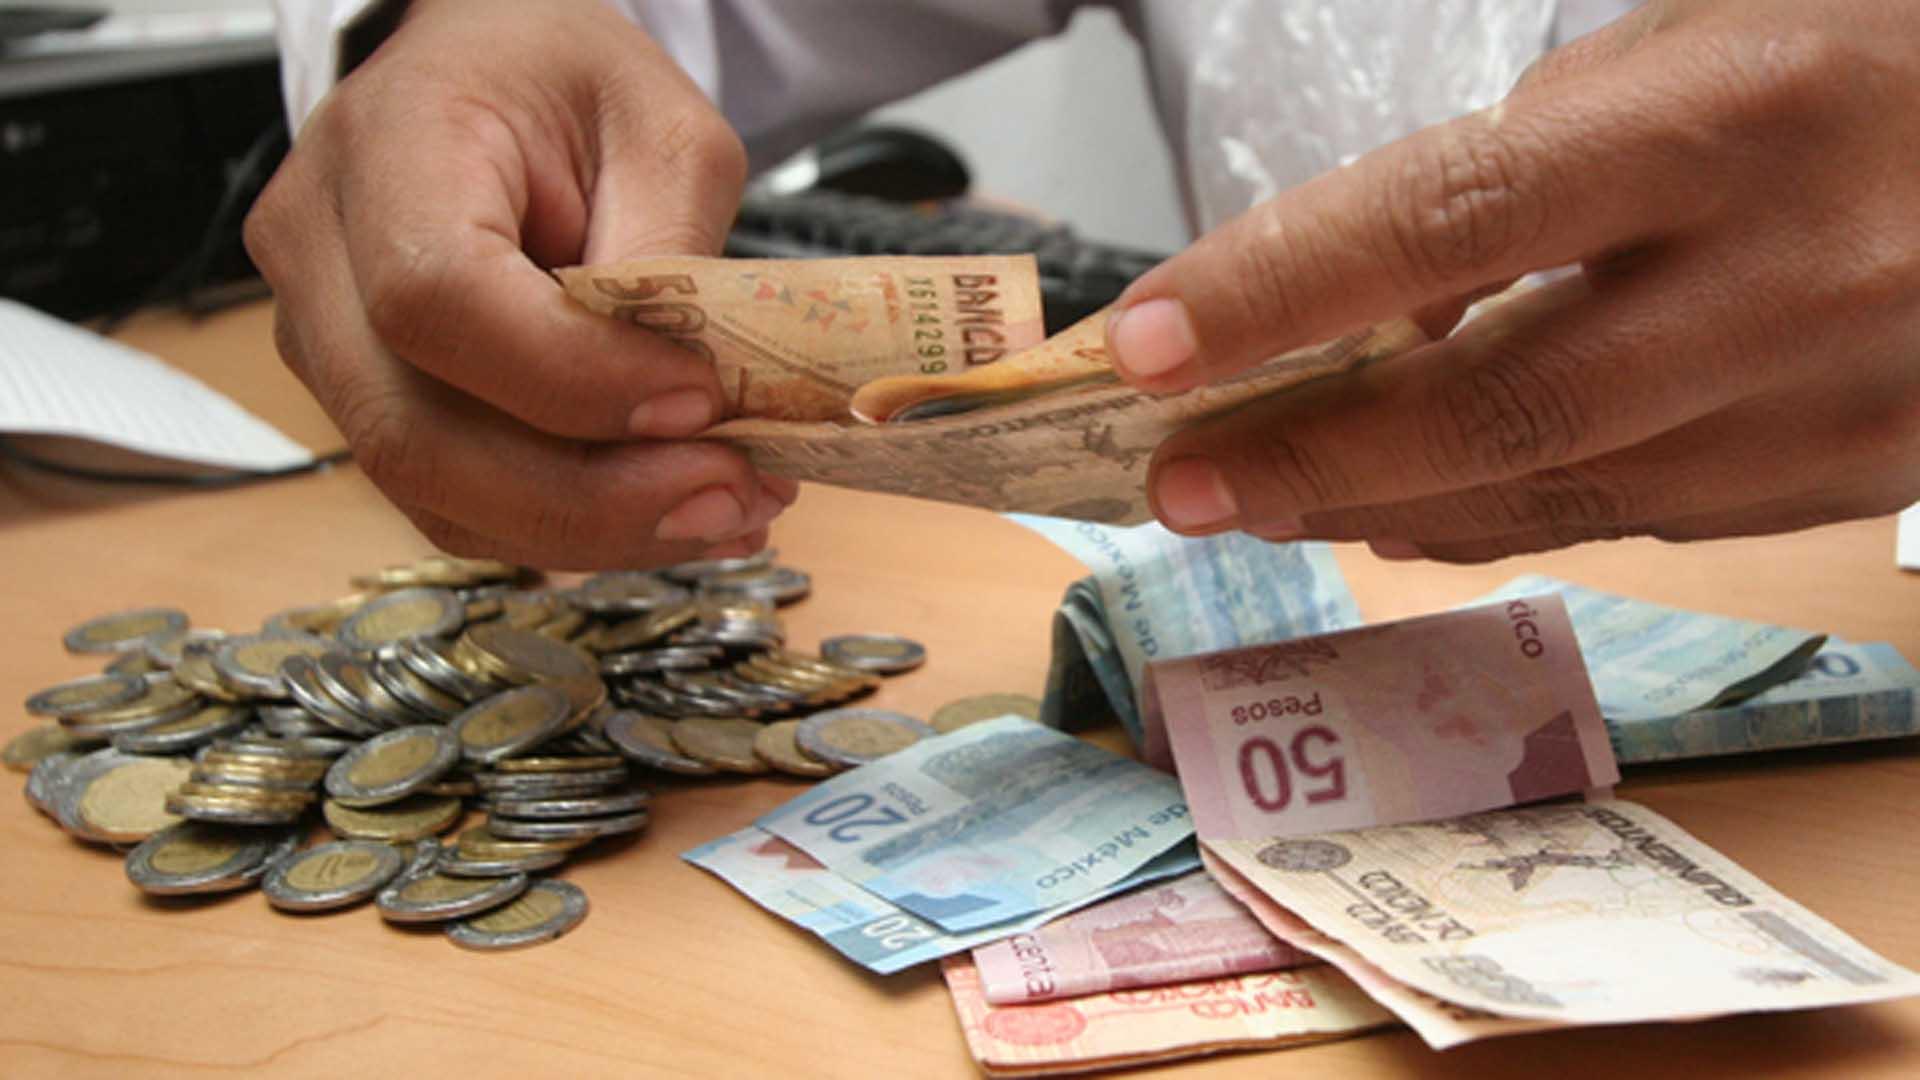 Ahorro mínimo del 12% del sueldo para pensión digna